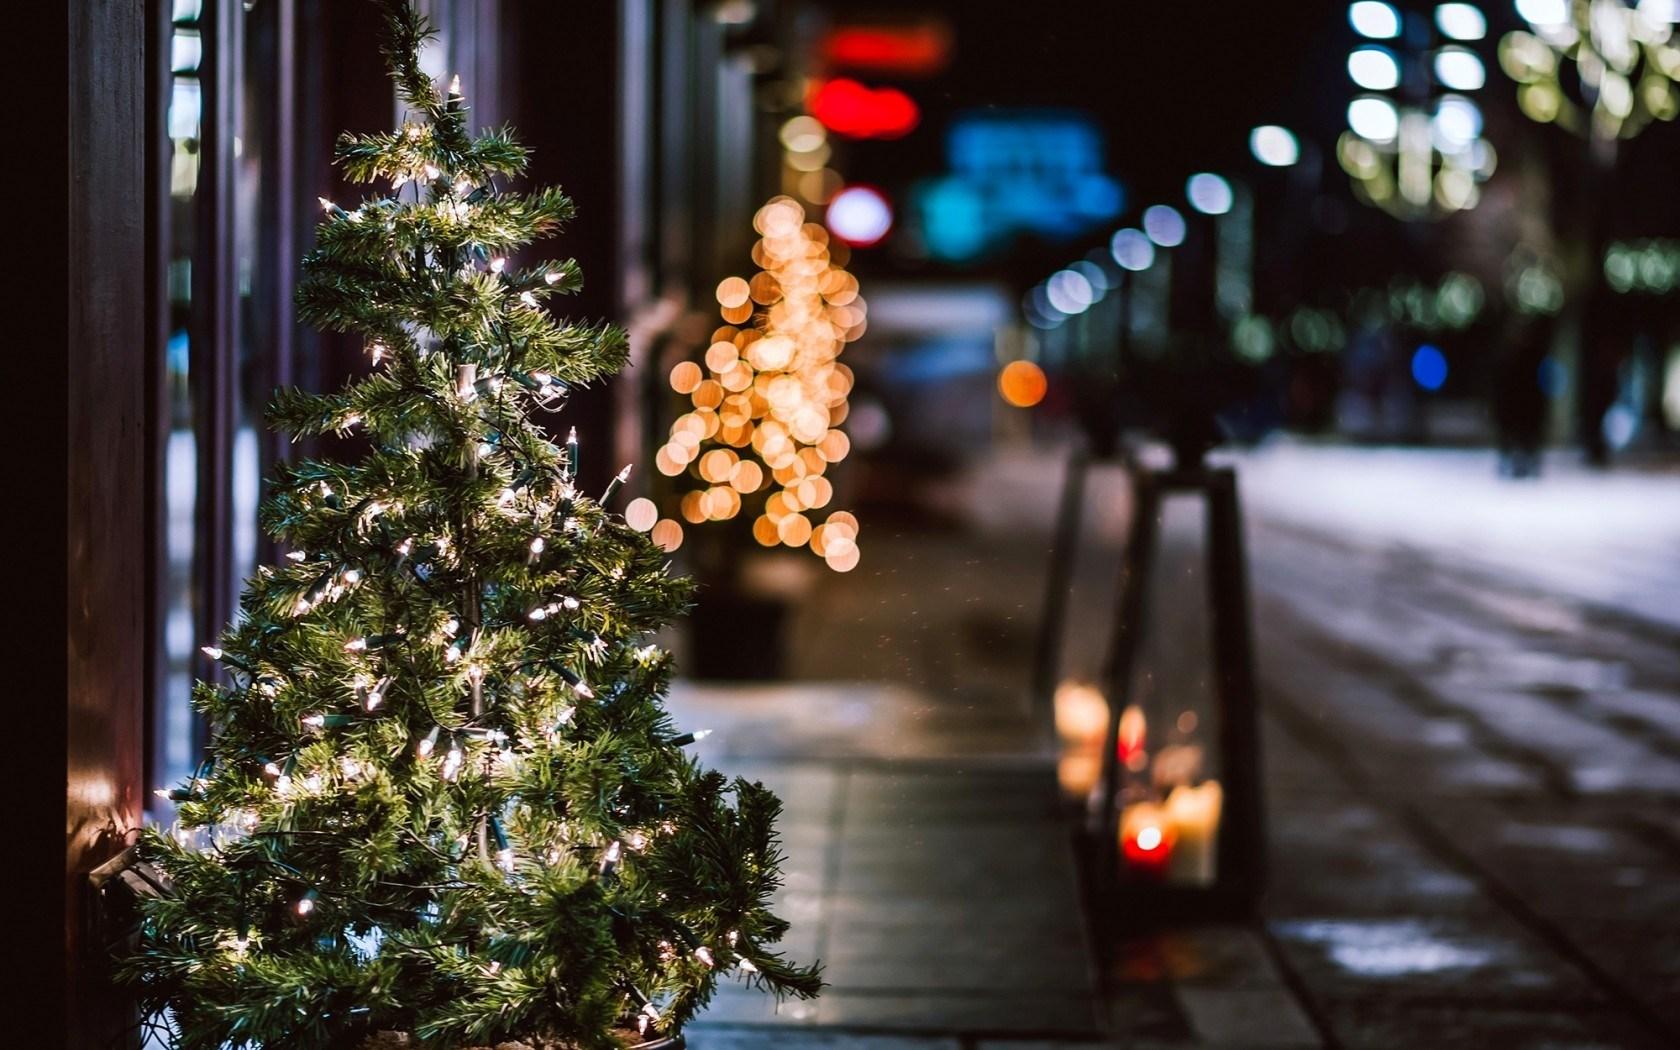 Christmas Tree Garland Lights City Street Night Winter